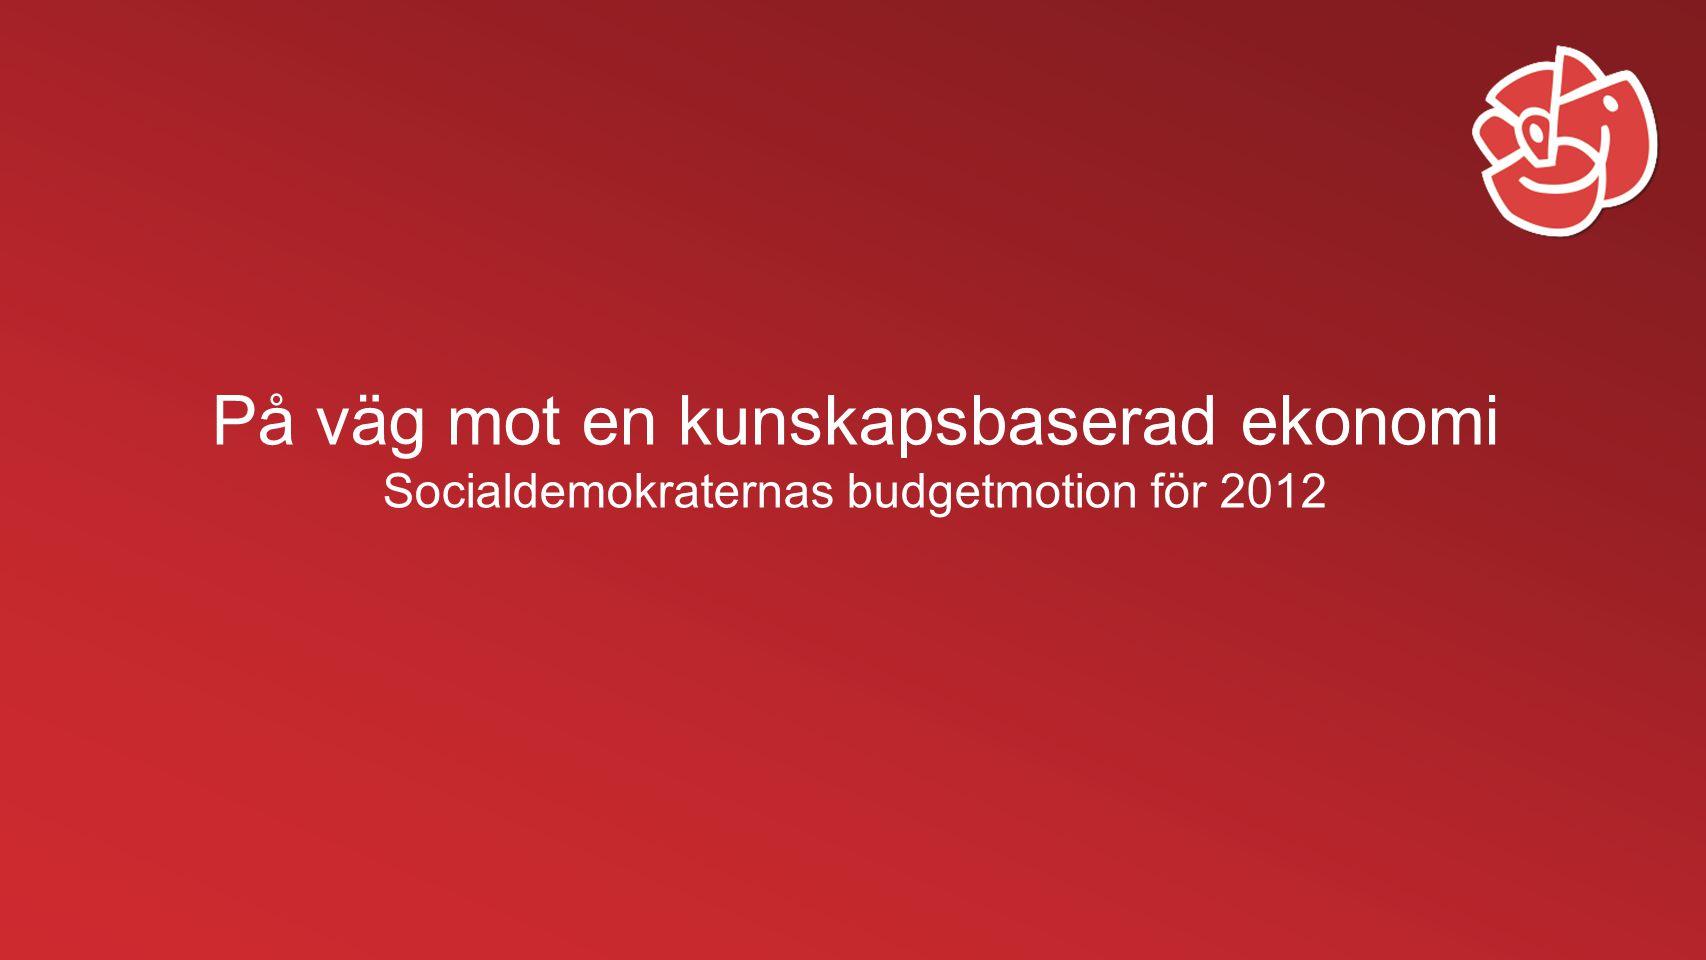 På väg mot en kunskapsbaserad ekonomi Socialdemokraternas budgetmotion för 2012